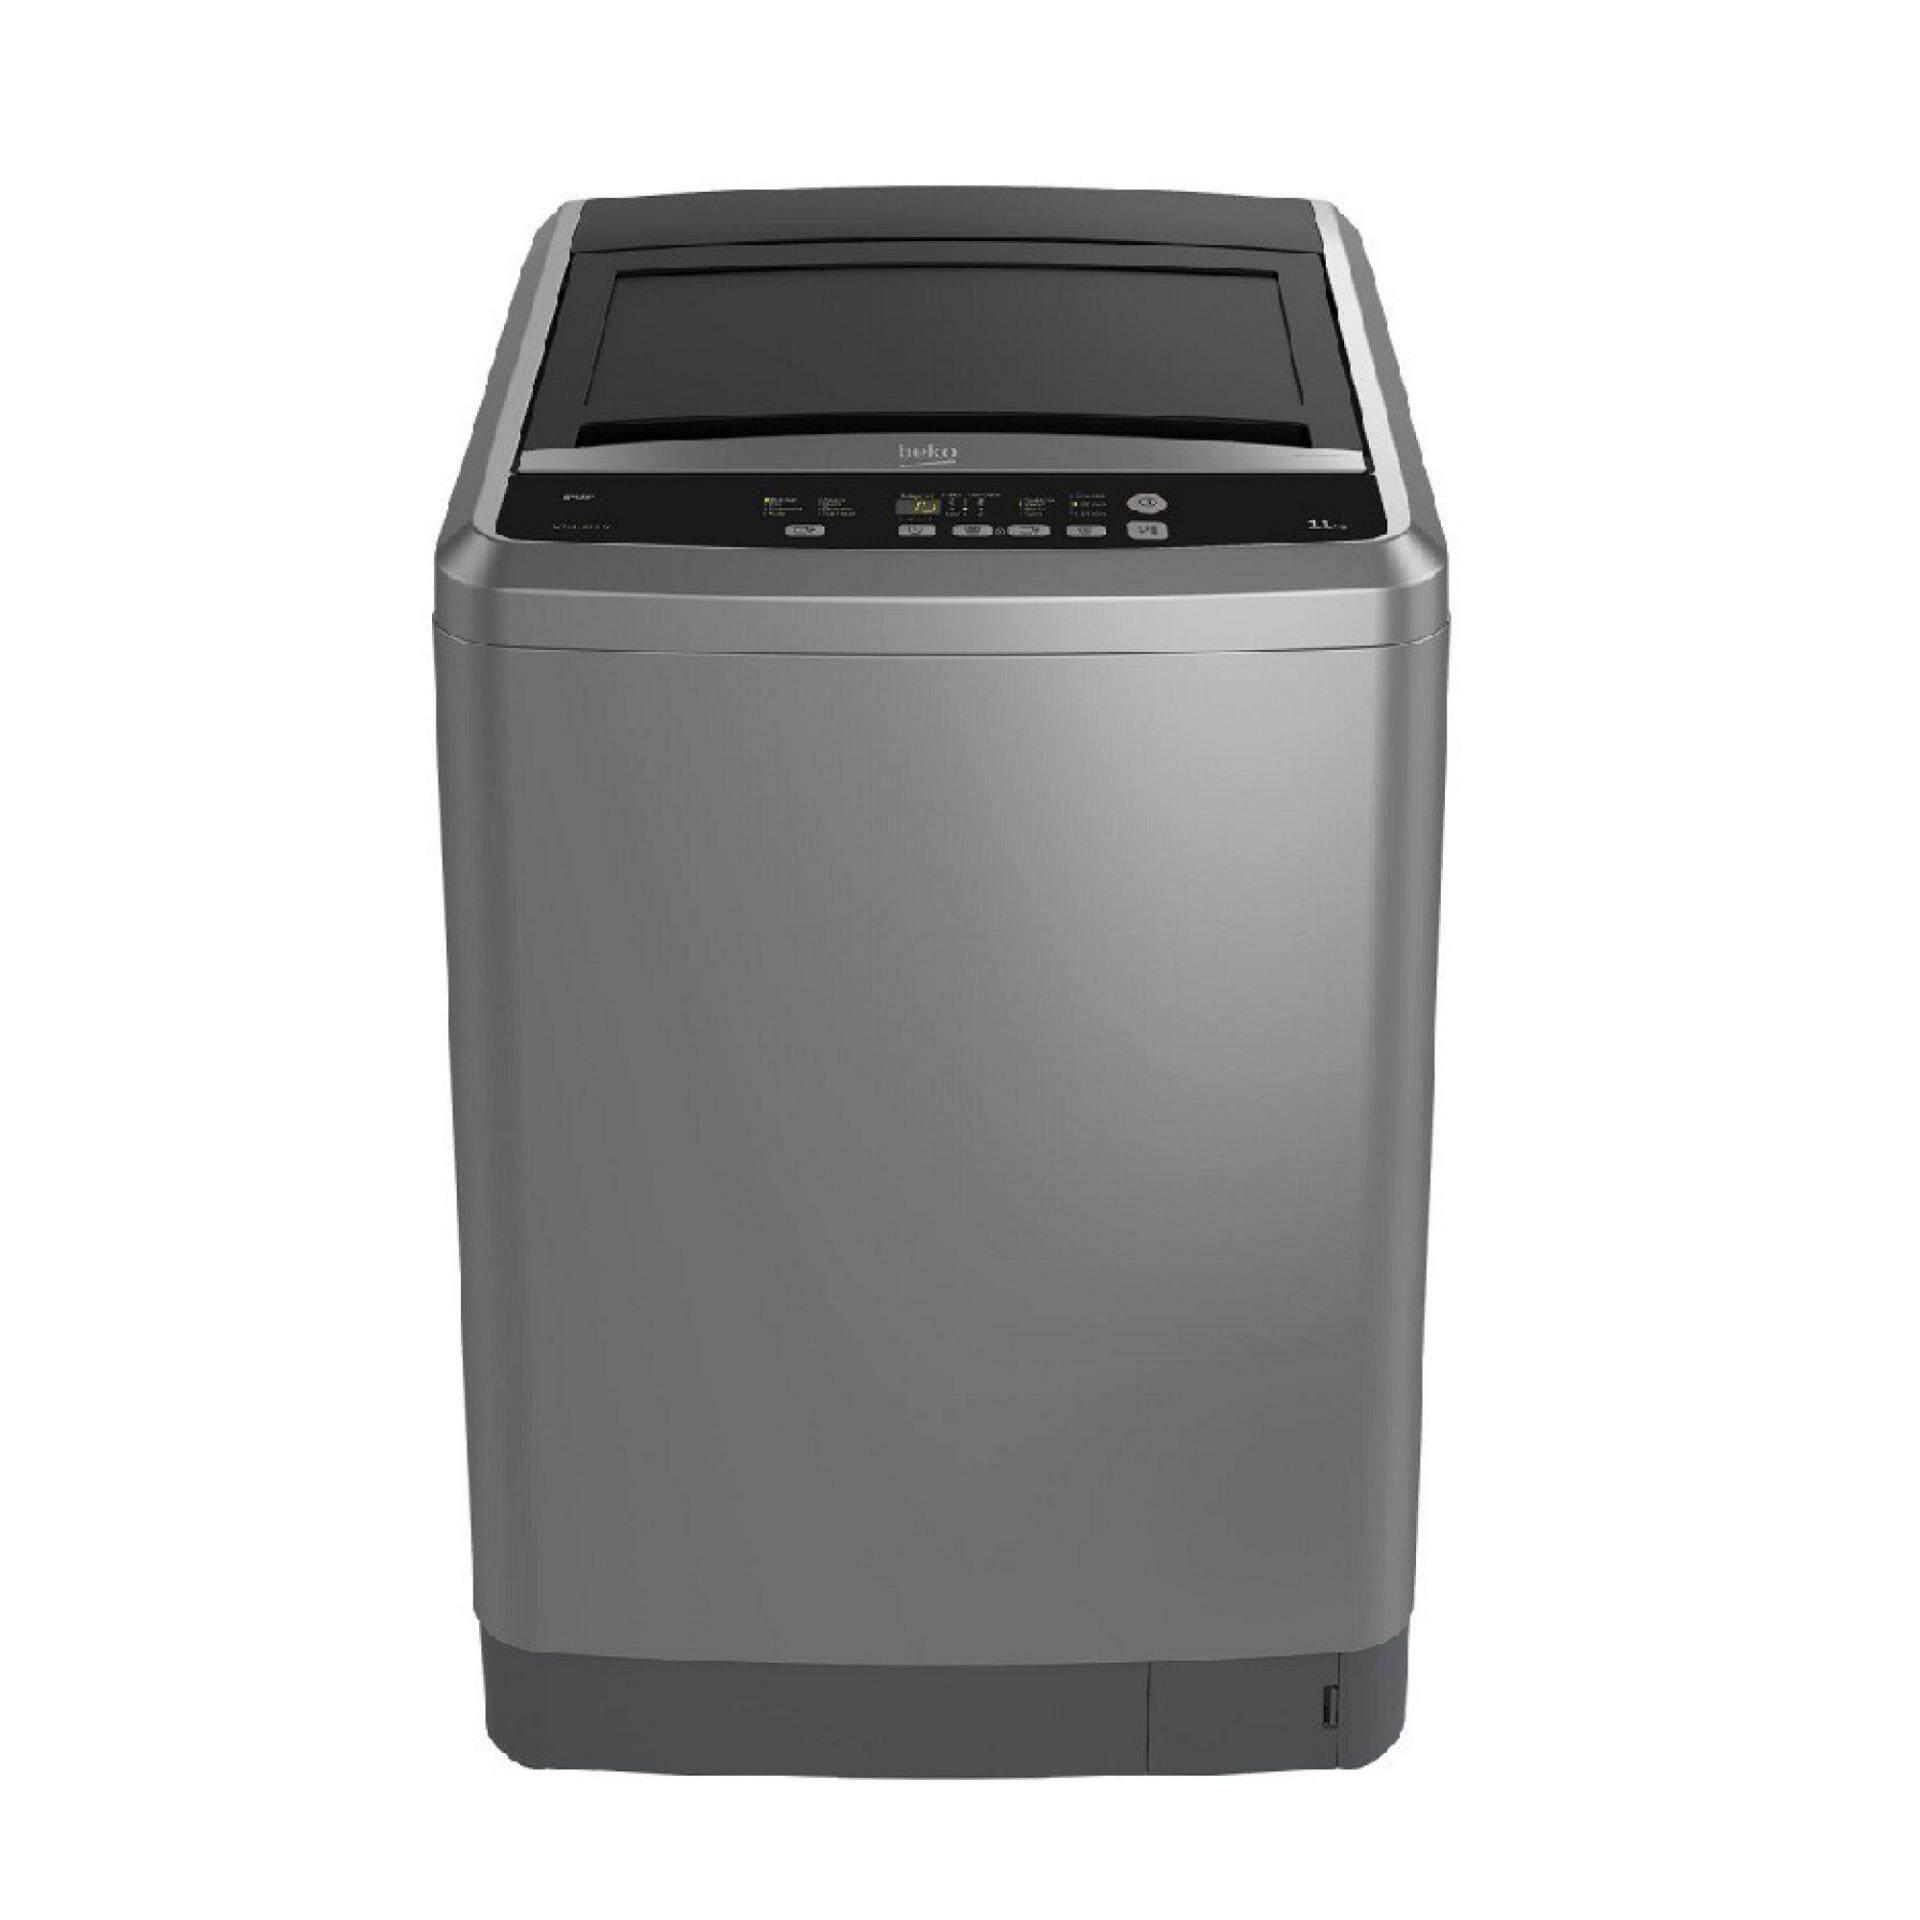 ลดต้อนรับปีใหม่ เครื่องซักผ้า Imarflex Sale -60% Imarflex เครื่องซักผ้า 2 ถัง รุ่น WM772 ขนาดความจุ 7.2 kg.(สีขาว) ลดล้างสต๊อก